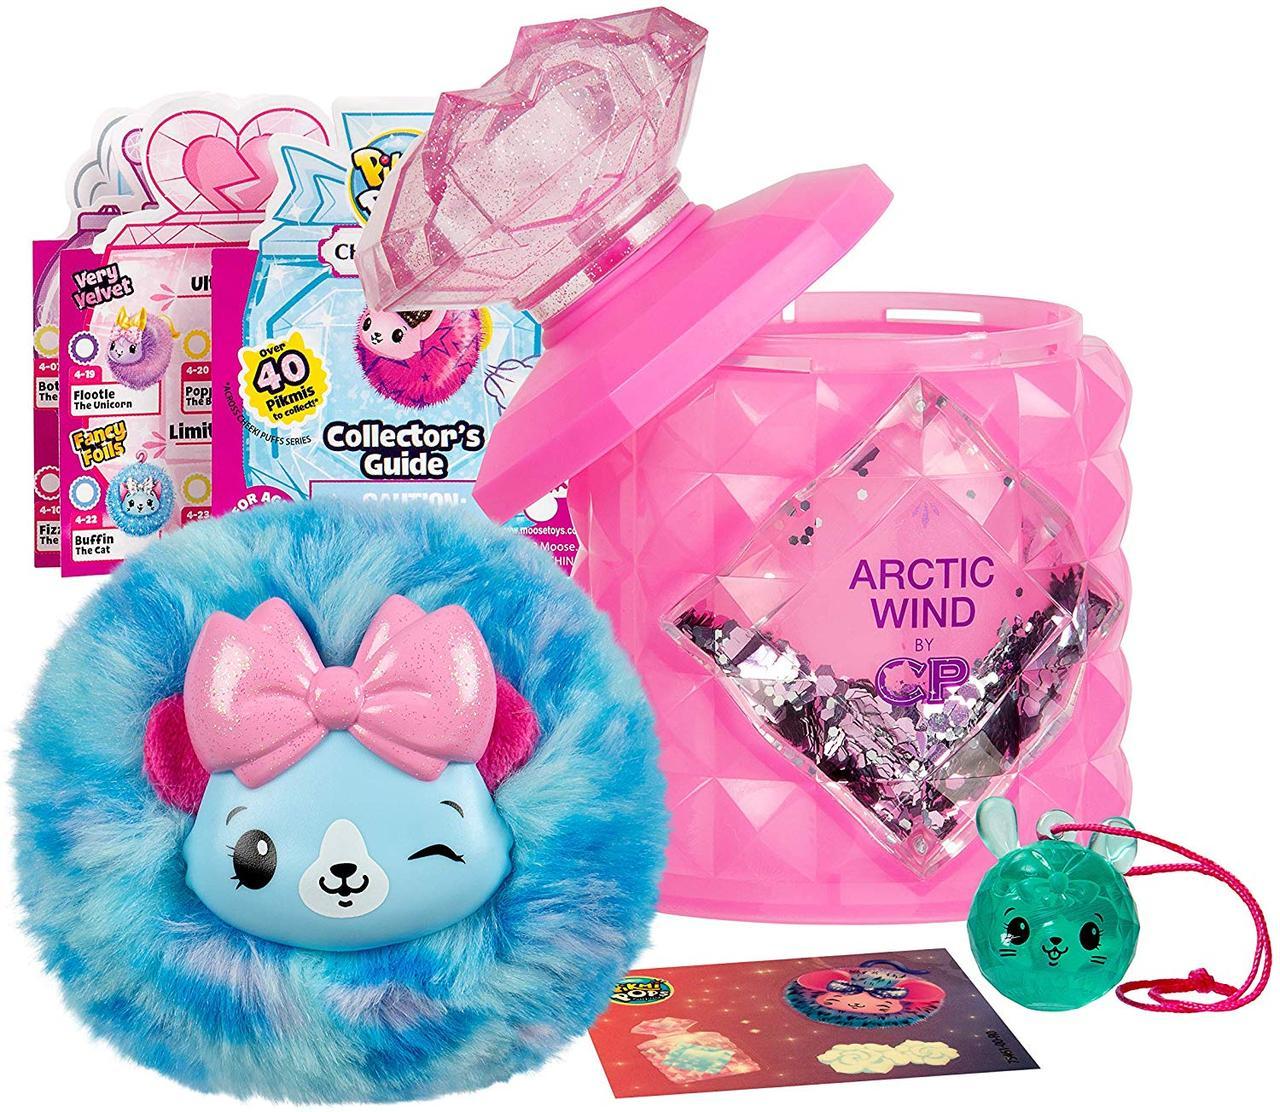 Сюрприз Пикми Попс, мягкая игрушка в бутылочке духов с блёстками, Pikmi Pops Cheeki Puffs